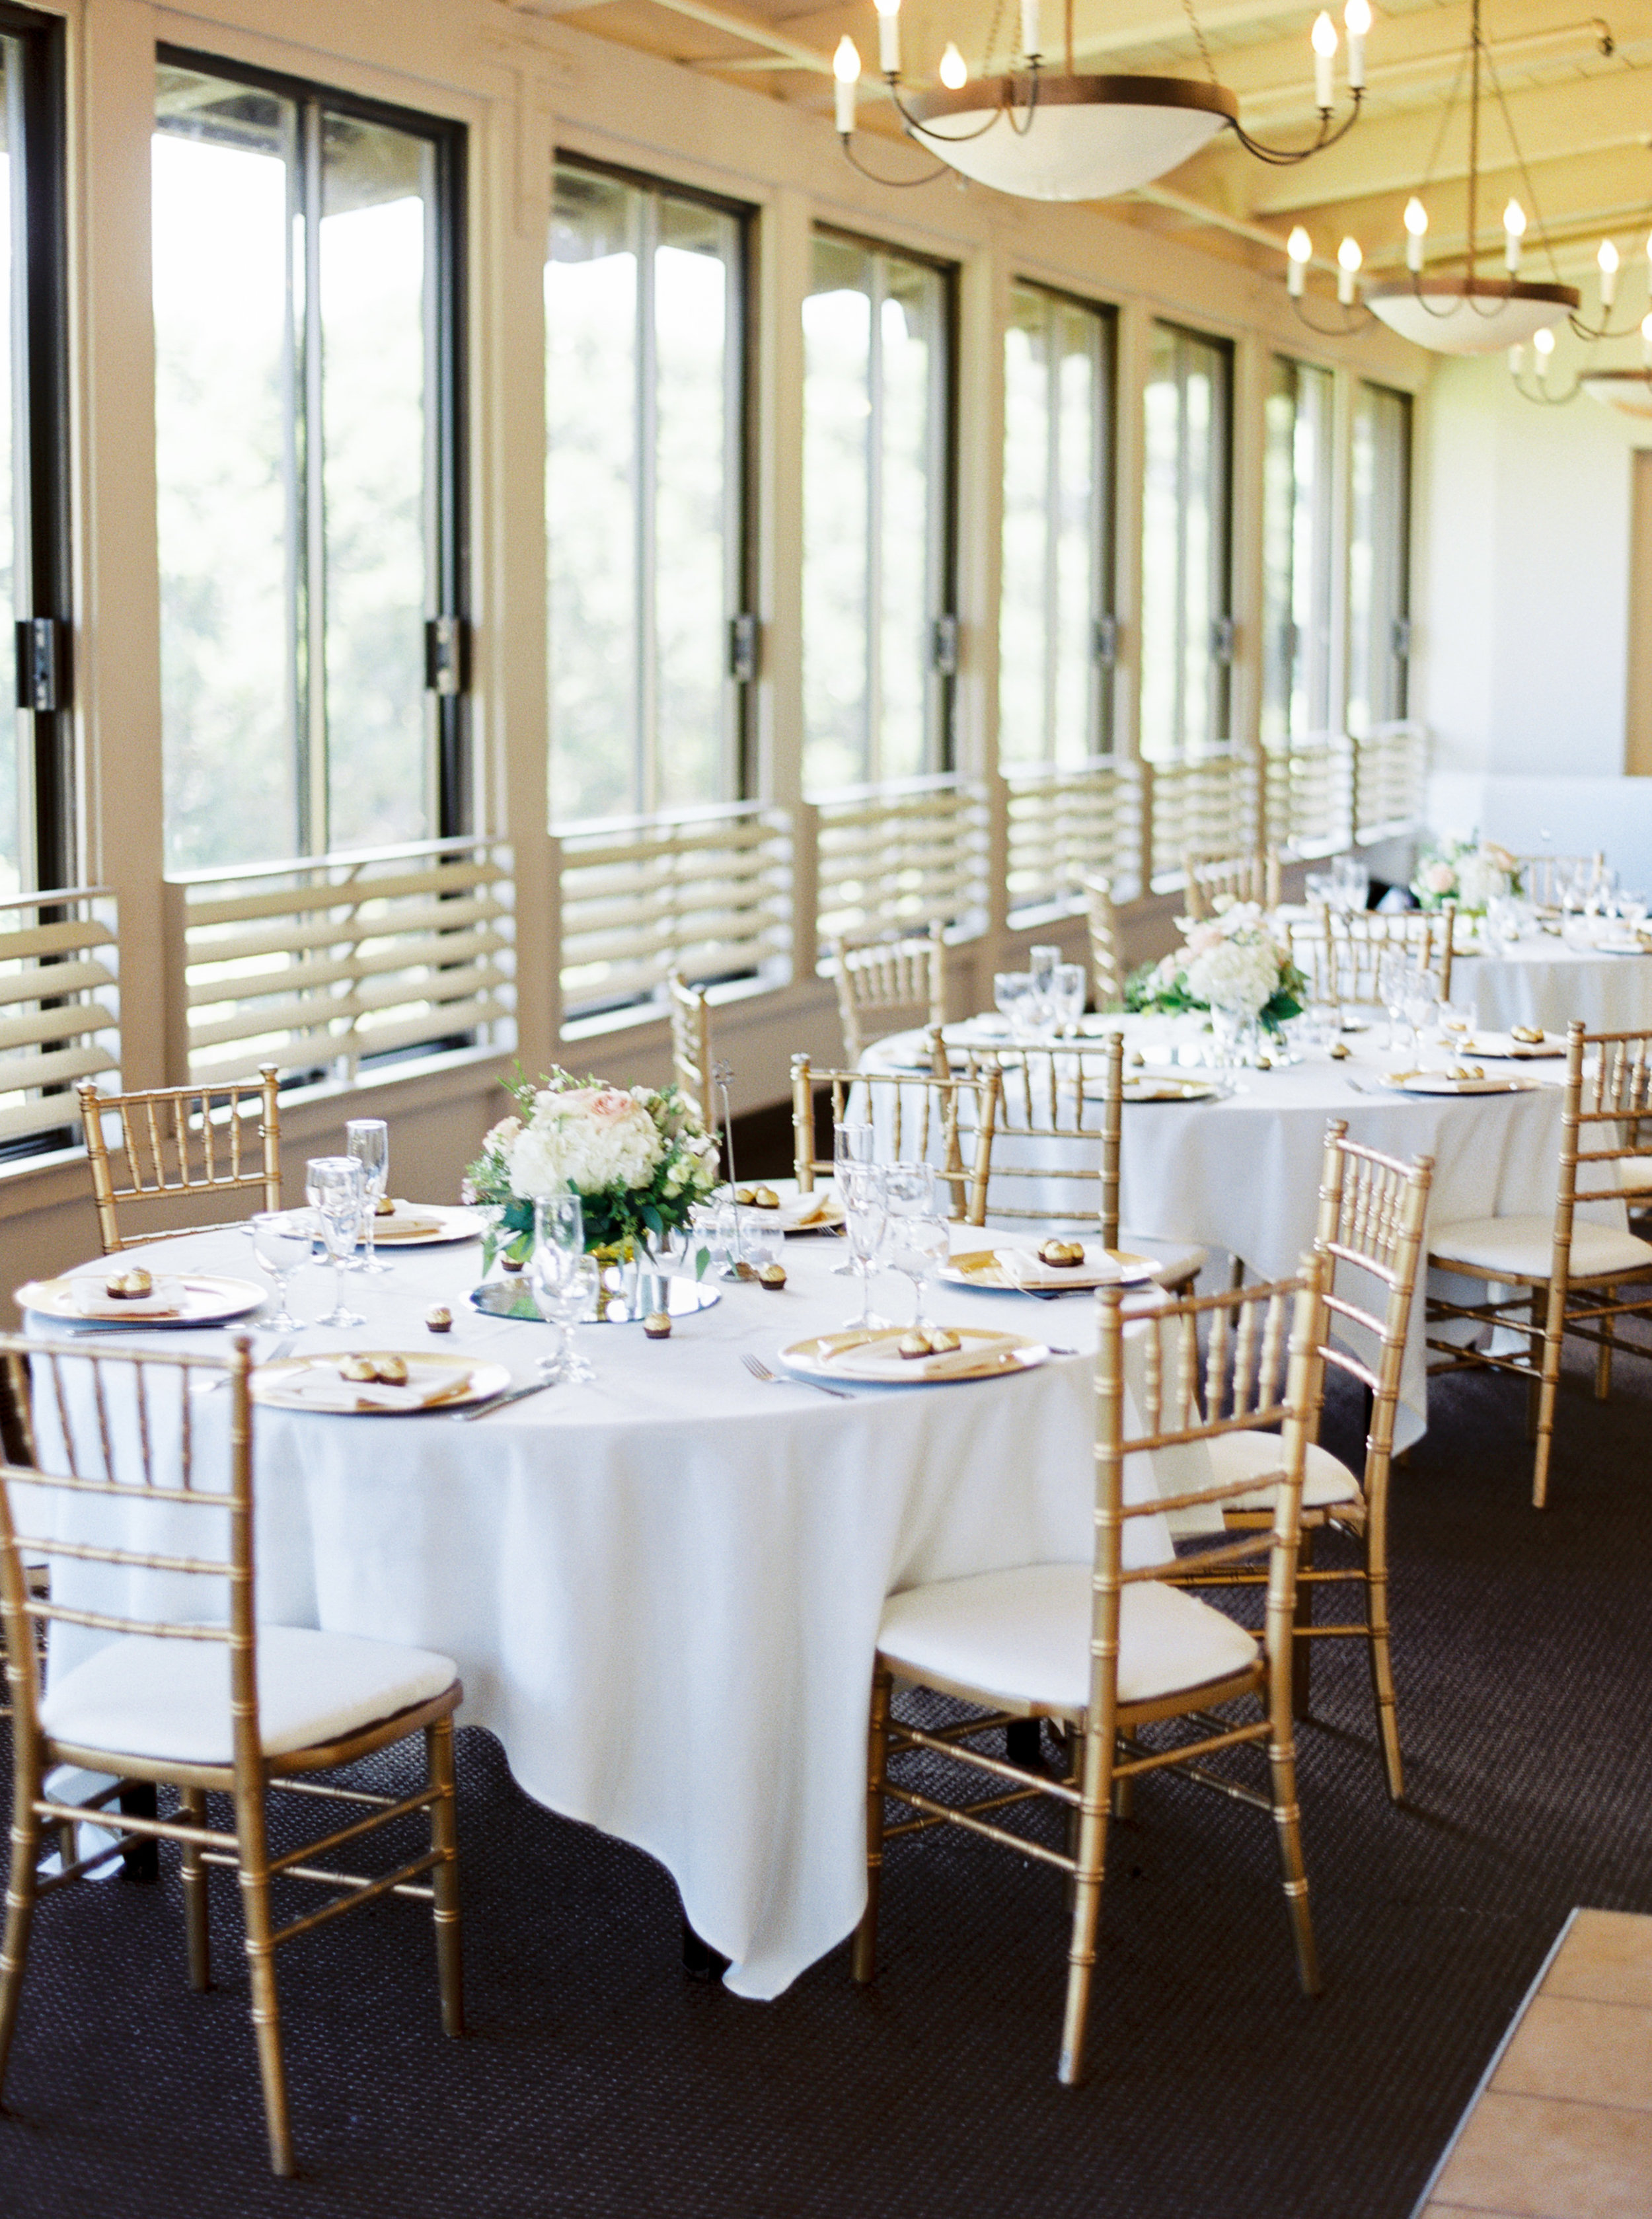 carmel-wedding-at-wedgewood-carmel-california-16.jpg